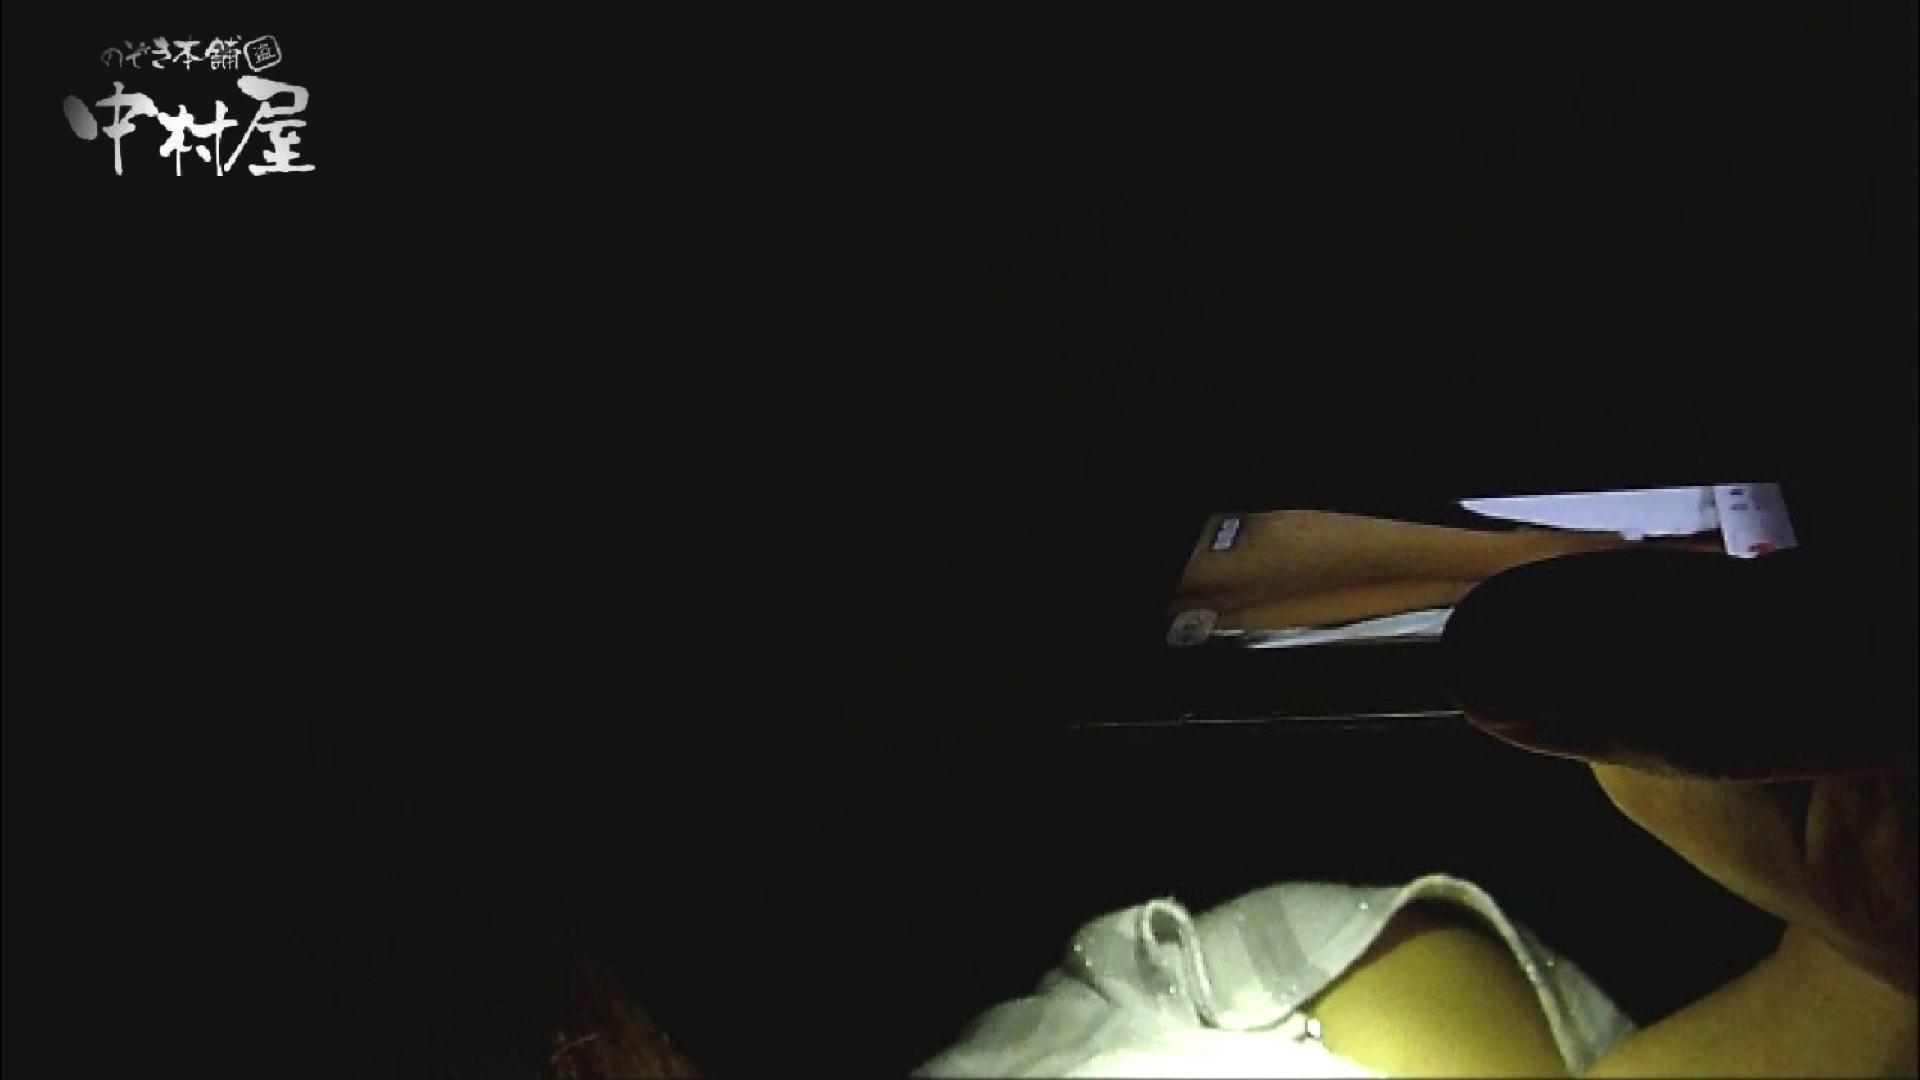 欲望 リアルドール Vol.01 Kちゃんショップ店員店員20歳 女子大生のエロ生活 ワレメ動画紹介 73連発 15